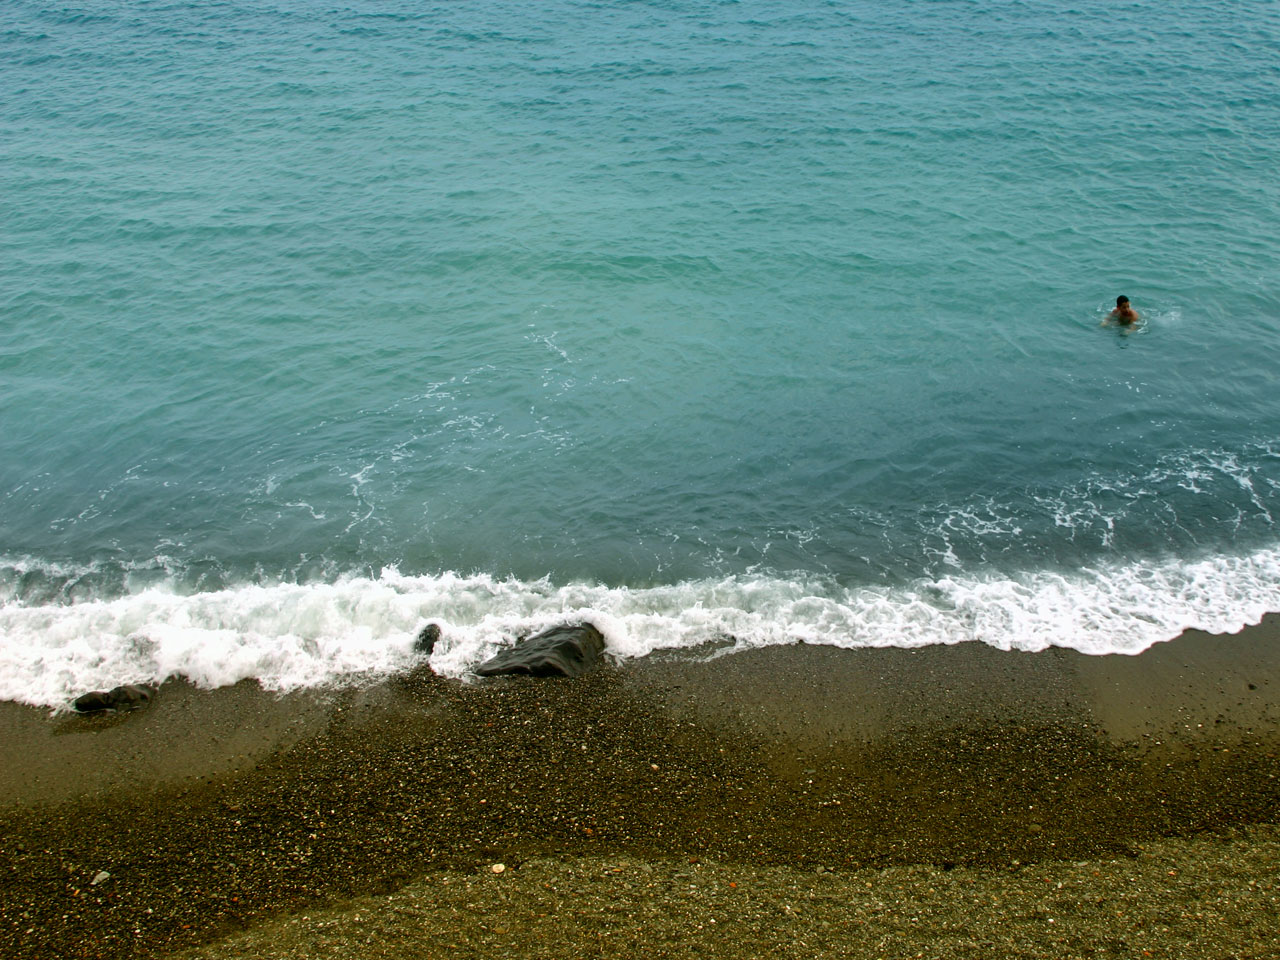 Alone [Sea] #01